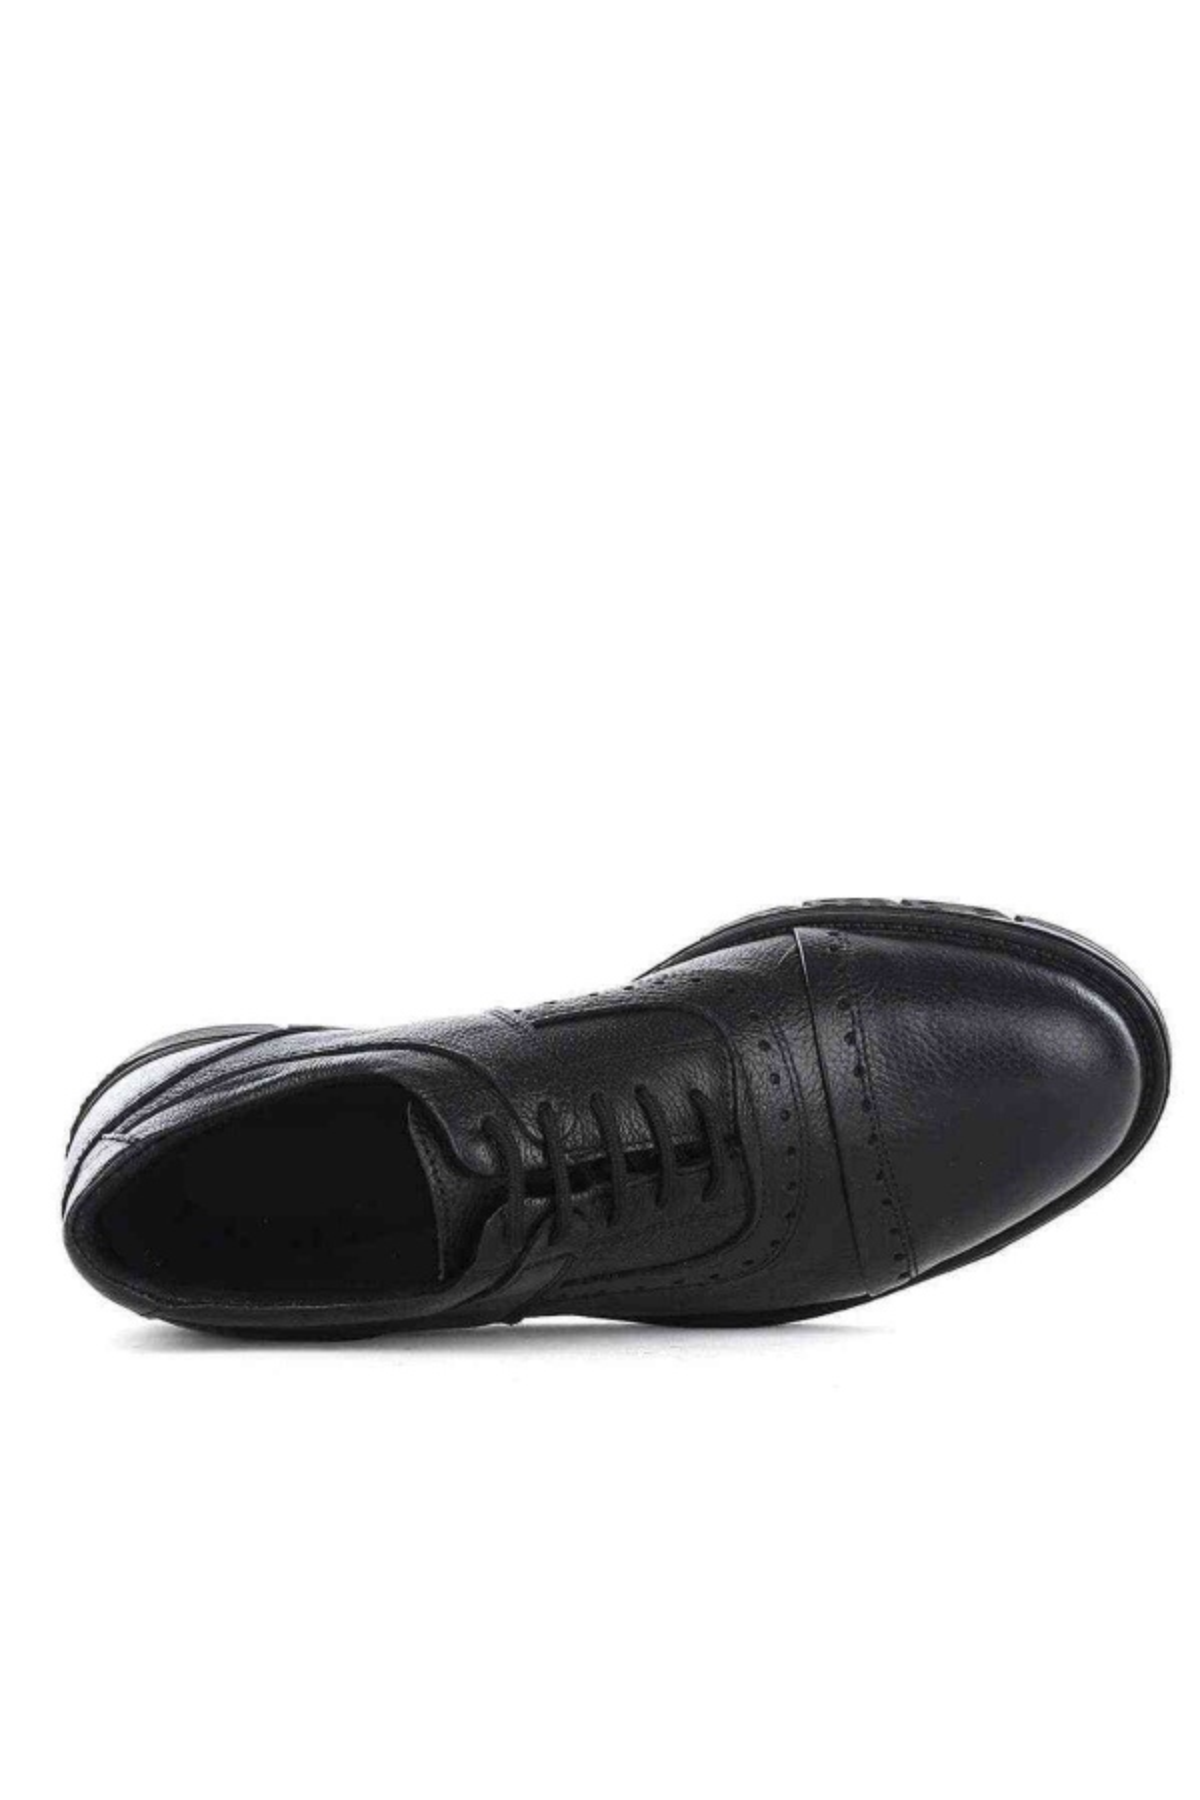 Erkek Siyah Hakiki Deri Casual Ayakkabı - Mesolite M-03